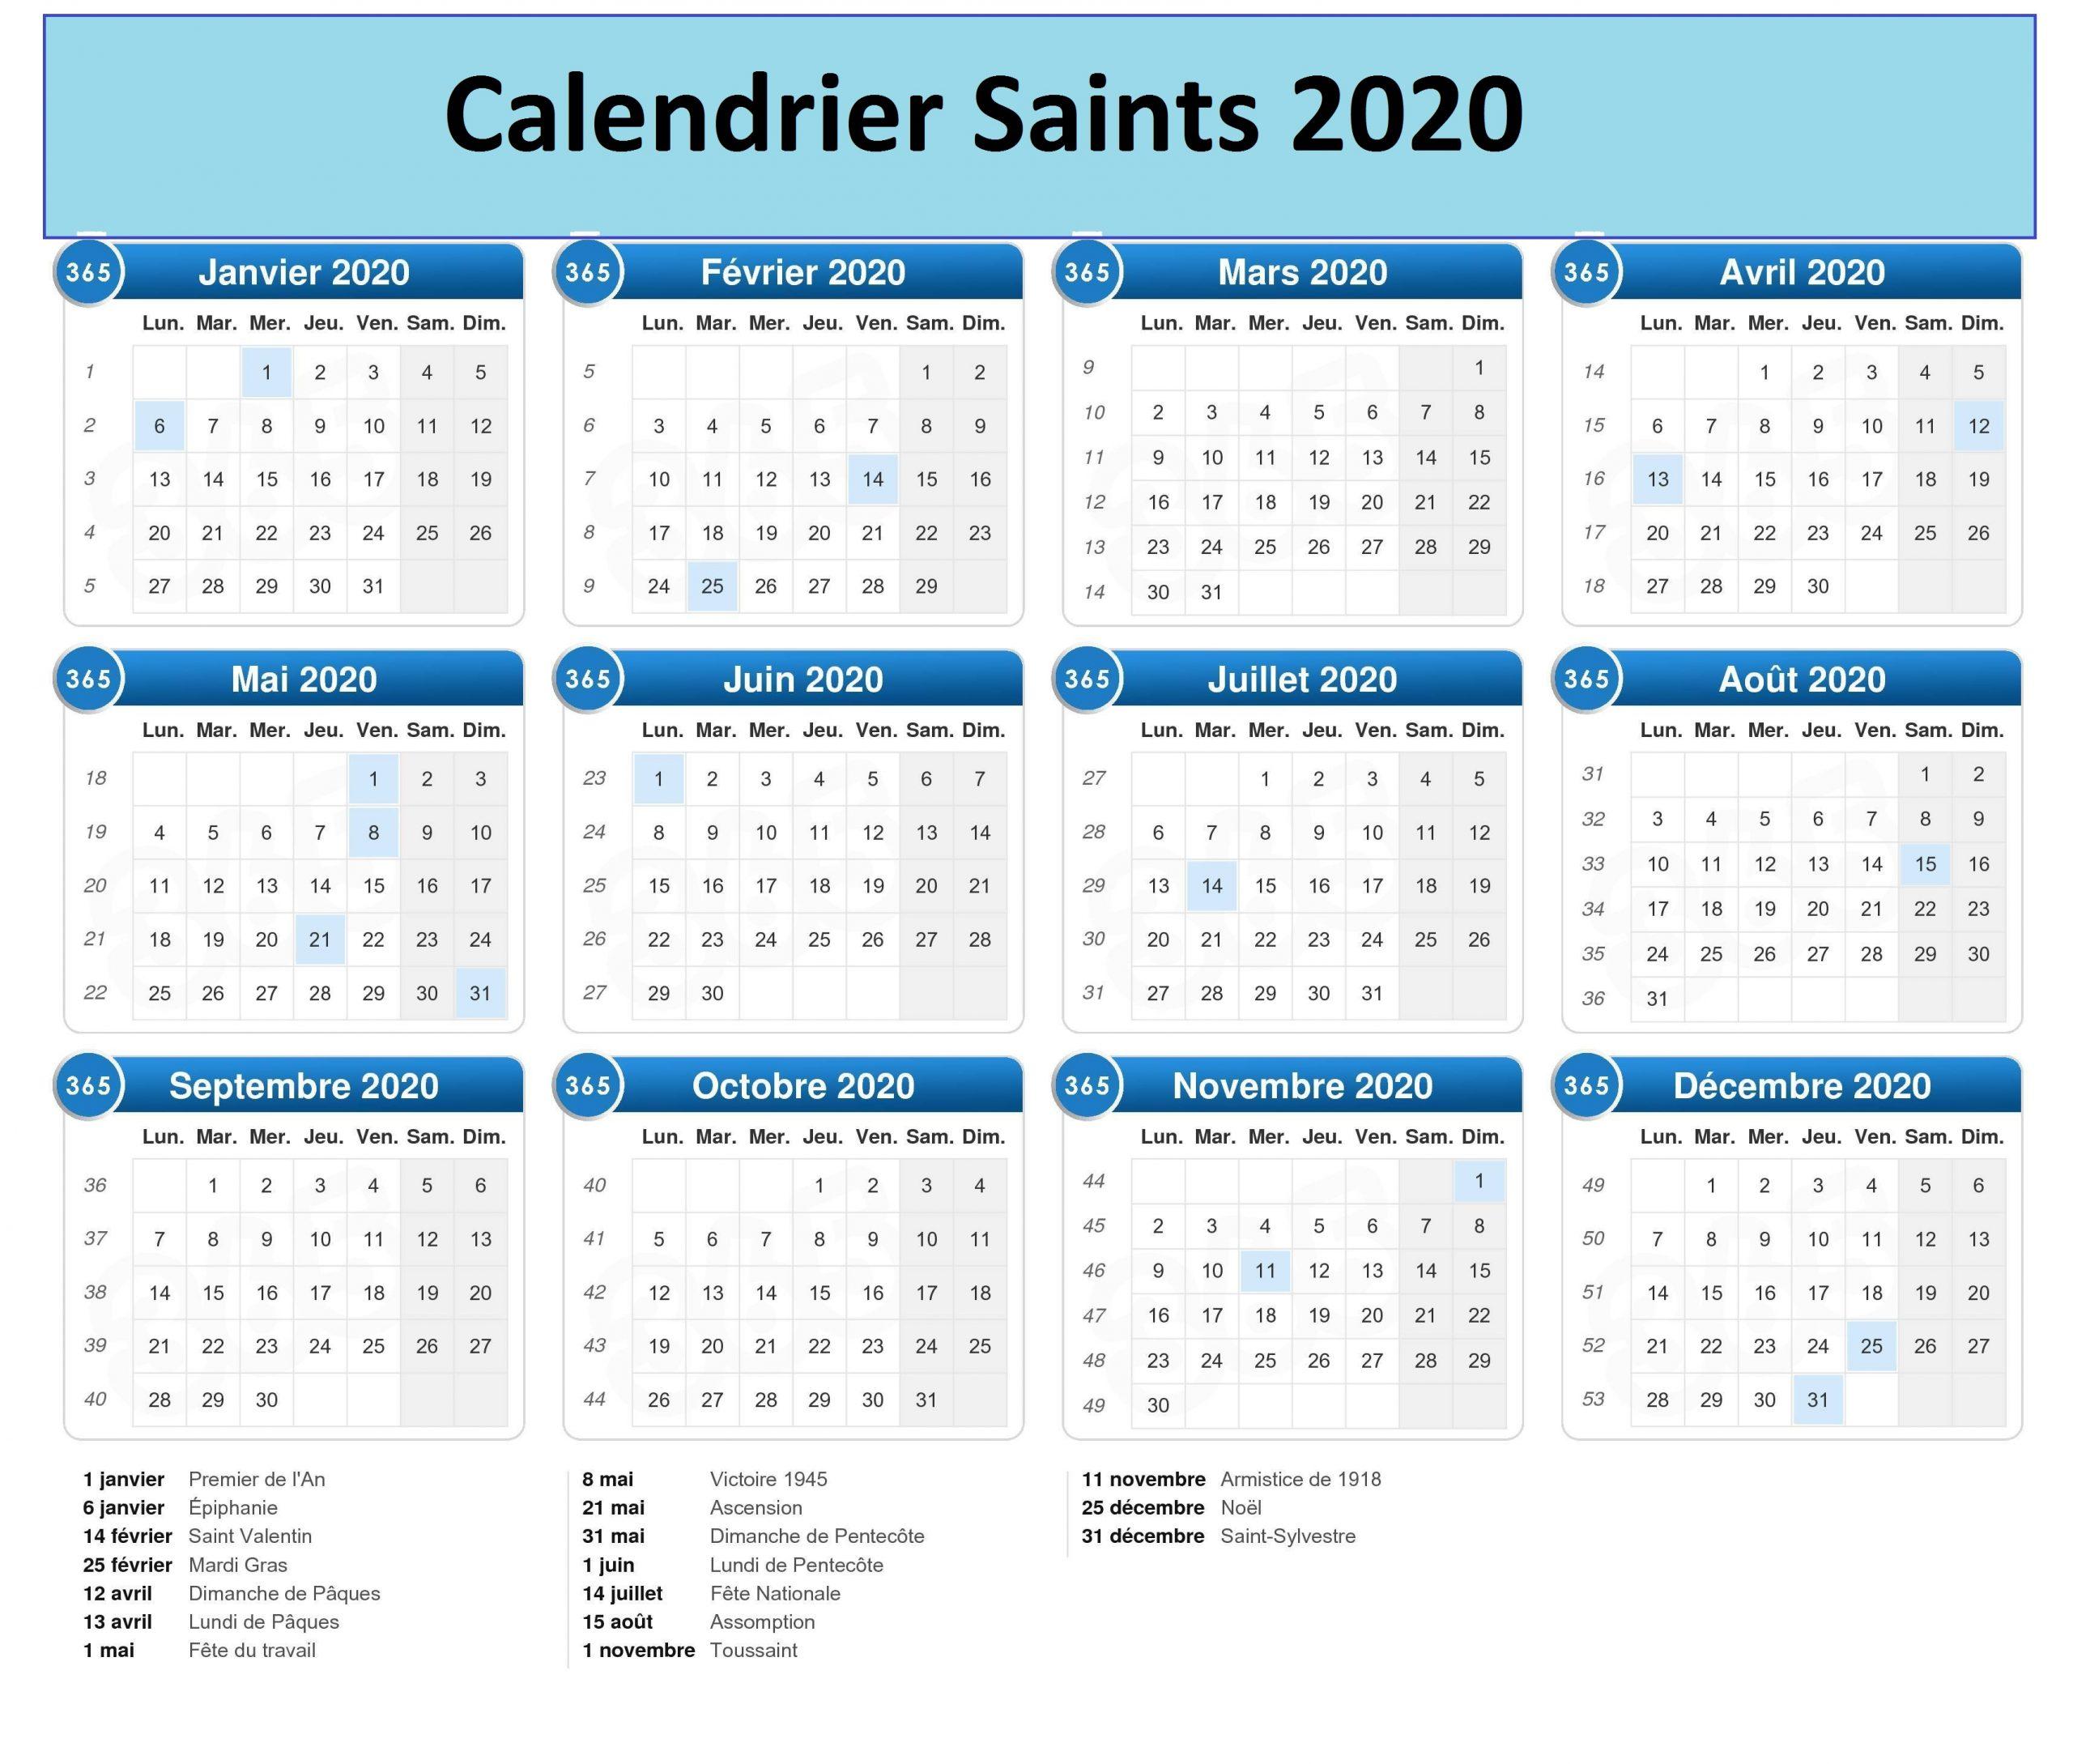 Calendrier Des Saints Catholiques 2020